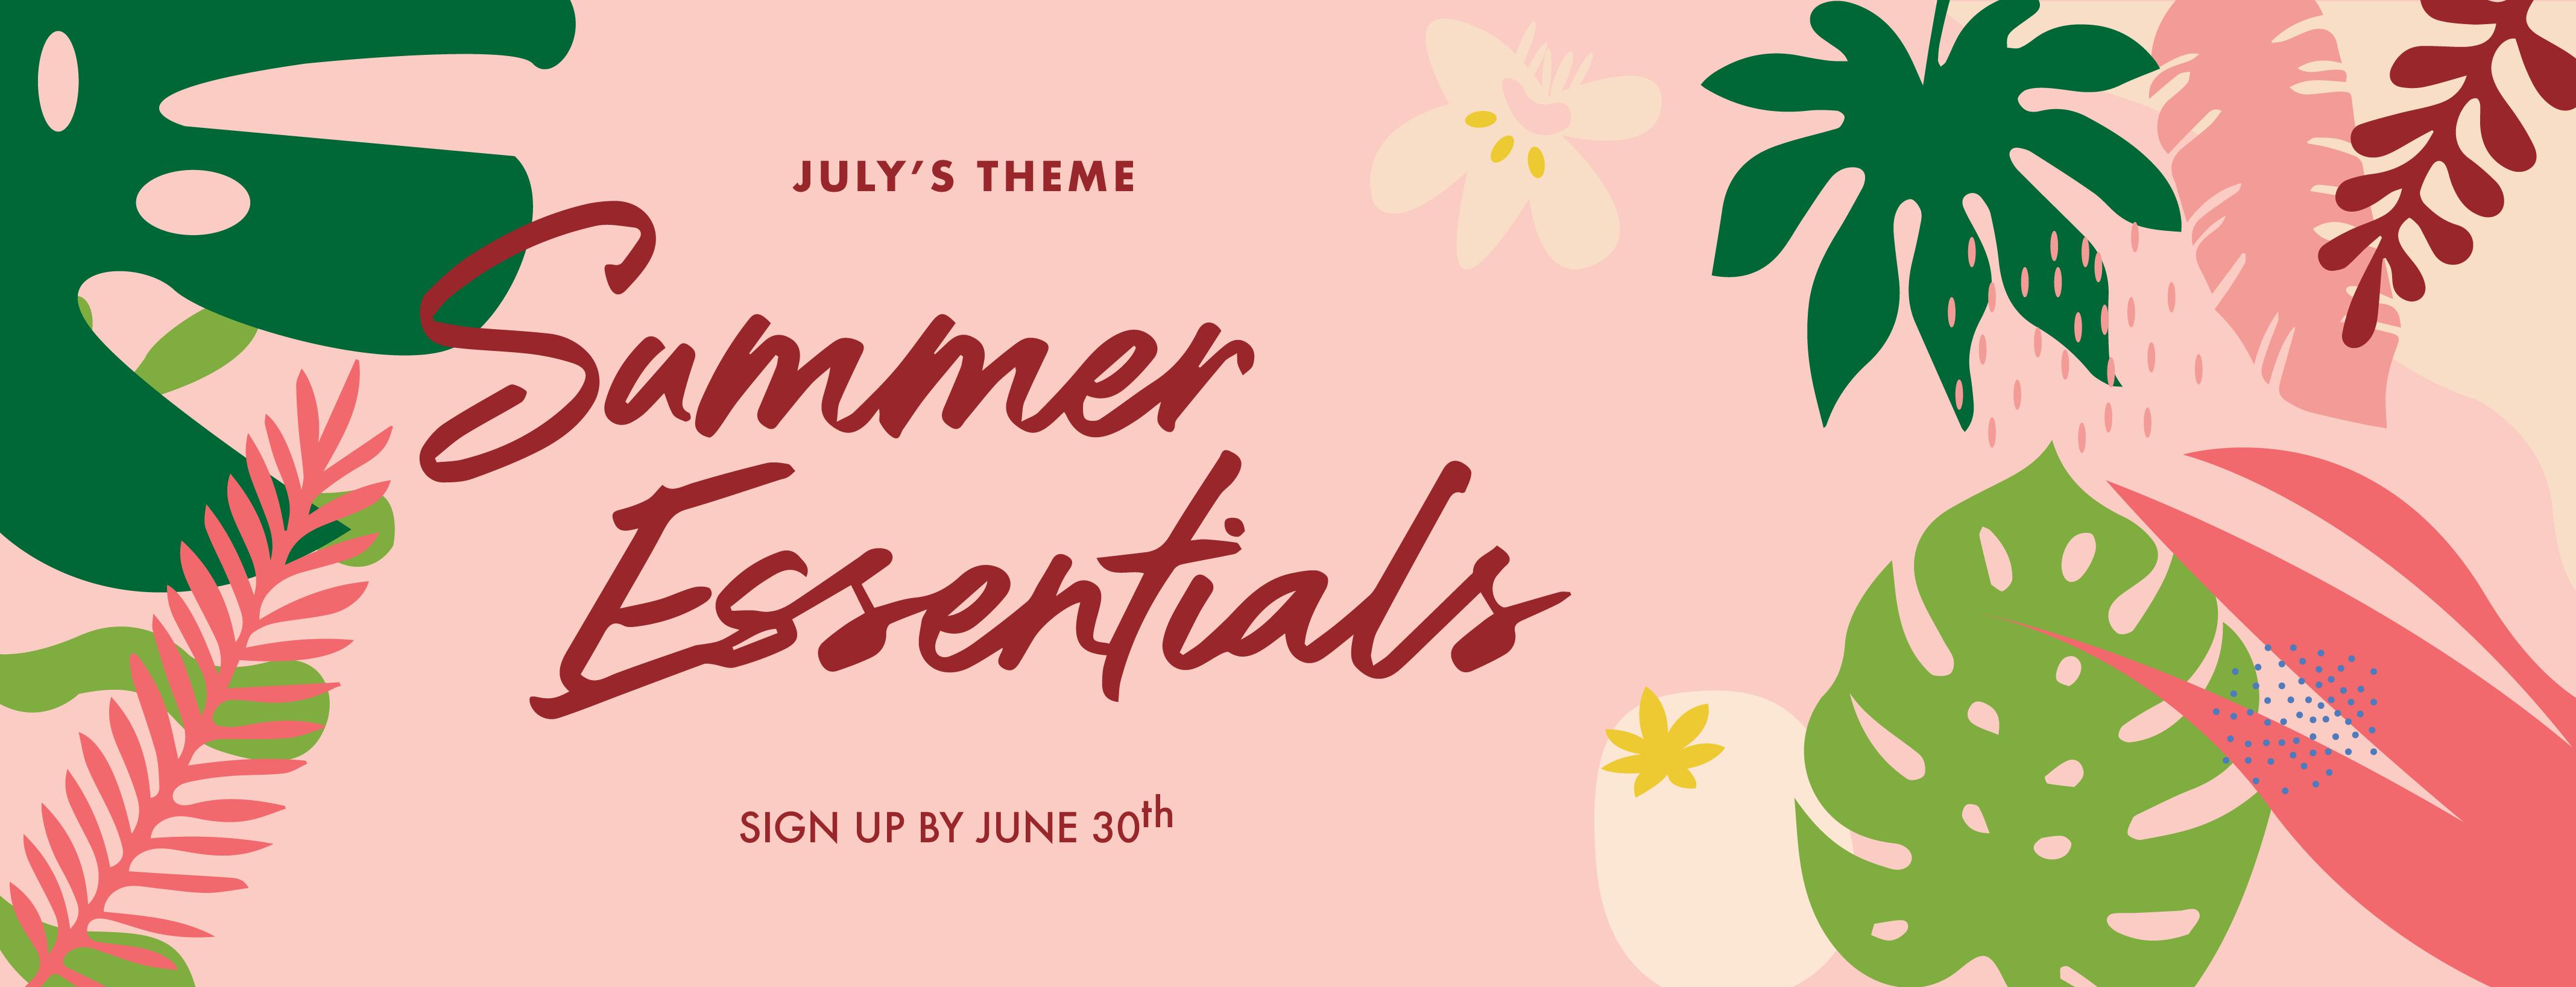 nomakenolife july box theme summer essentials